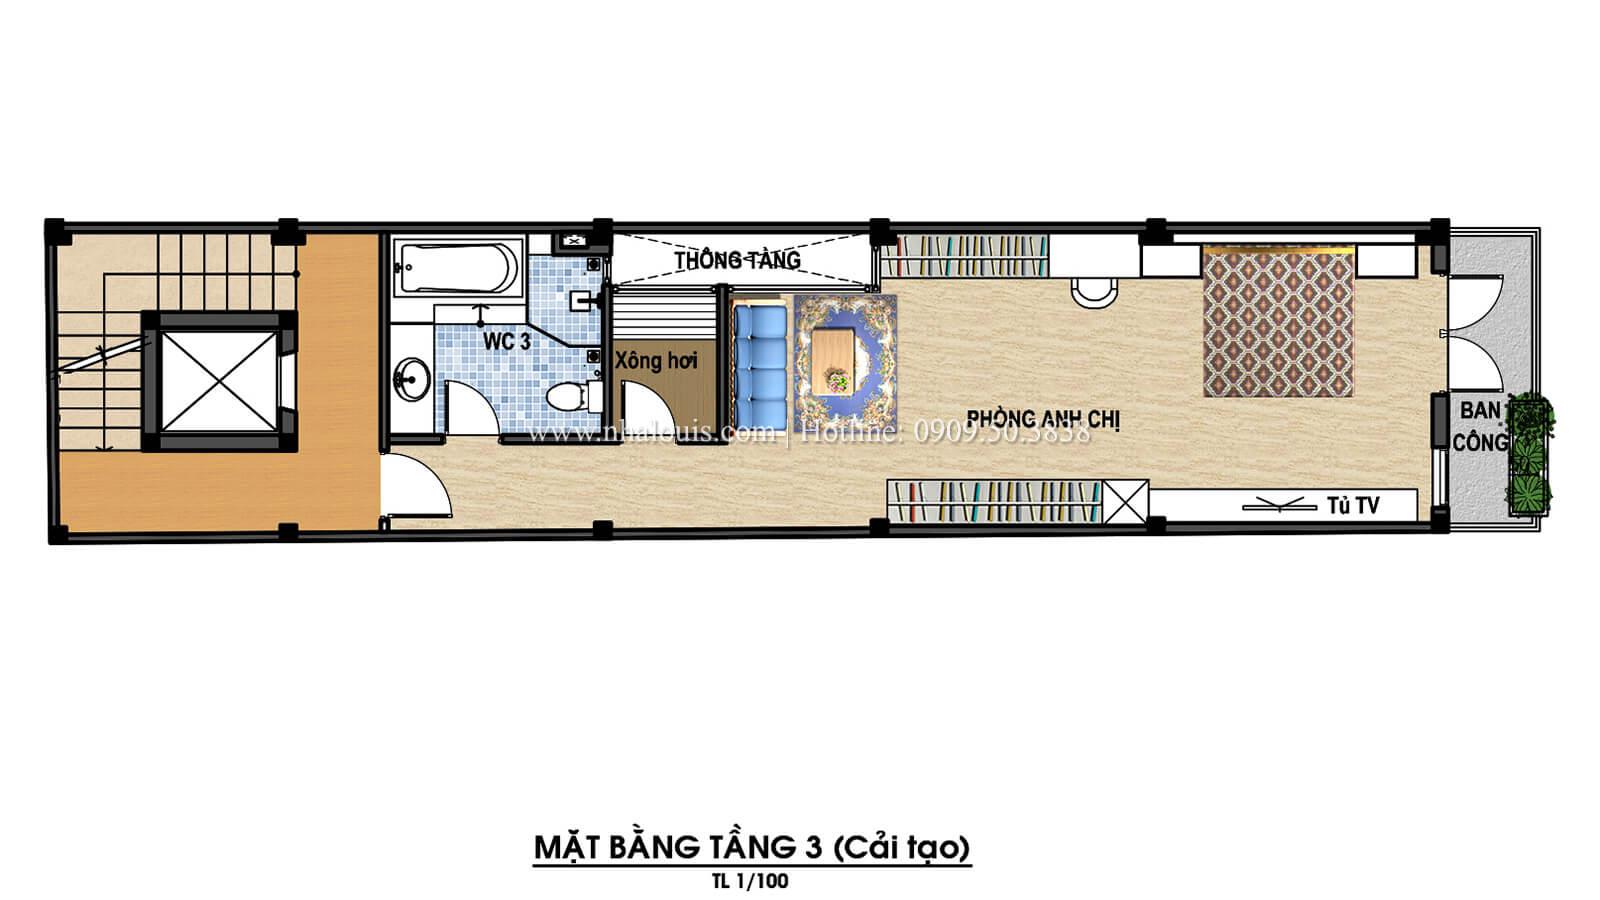 Mặt bằng tầng 3 Thiết kế cải tạo nhà phố 6 tầng chuẩn tinh tế tại Quận 11 - 07